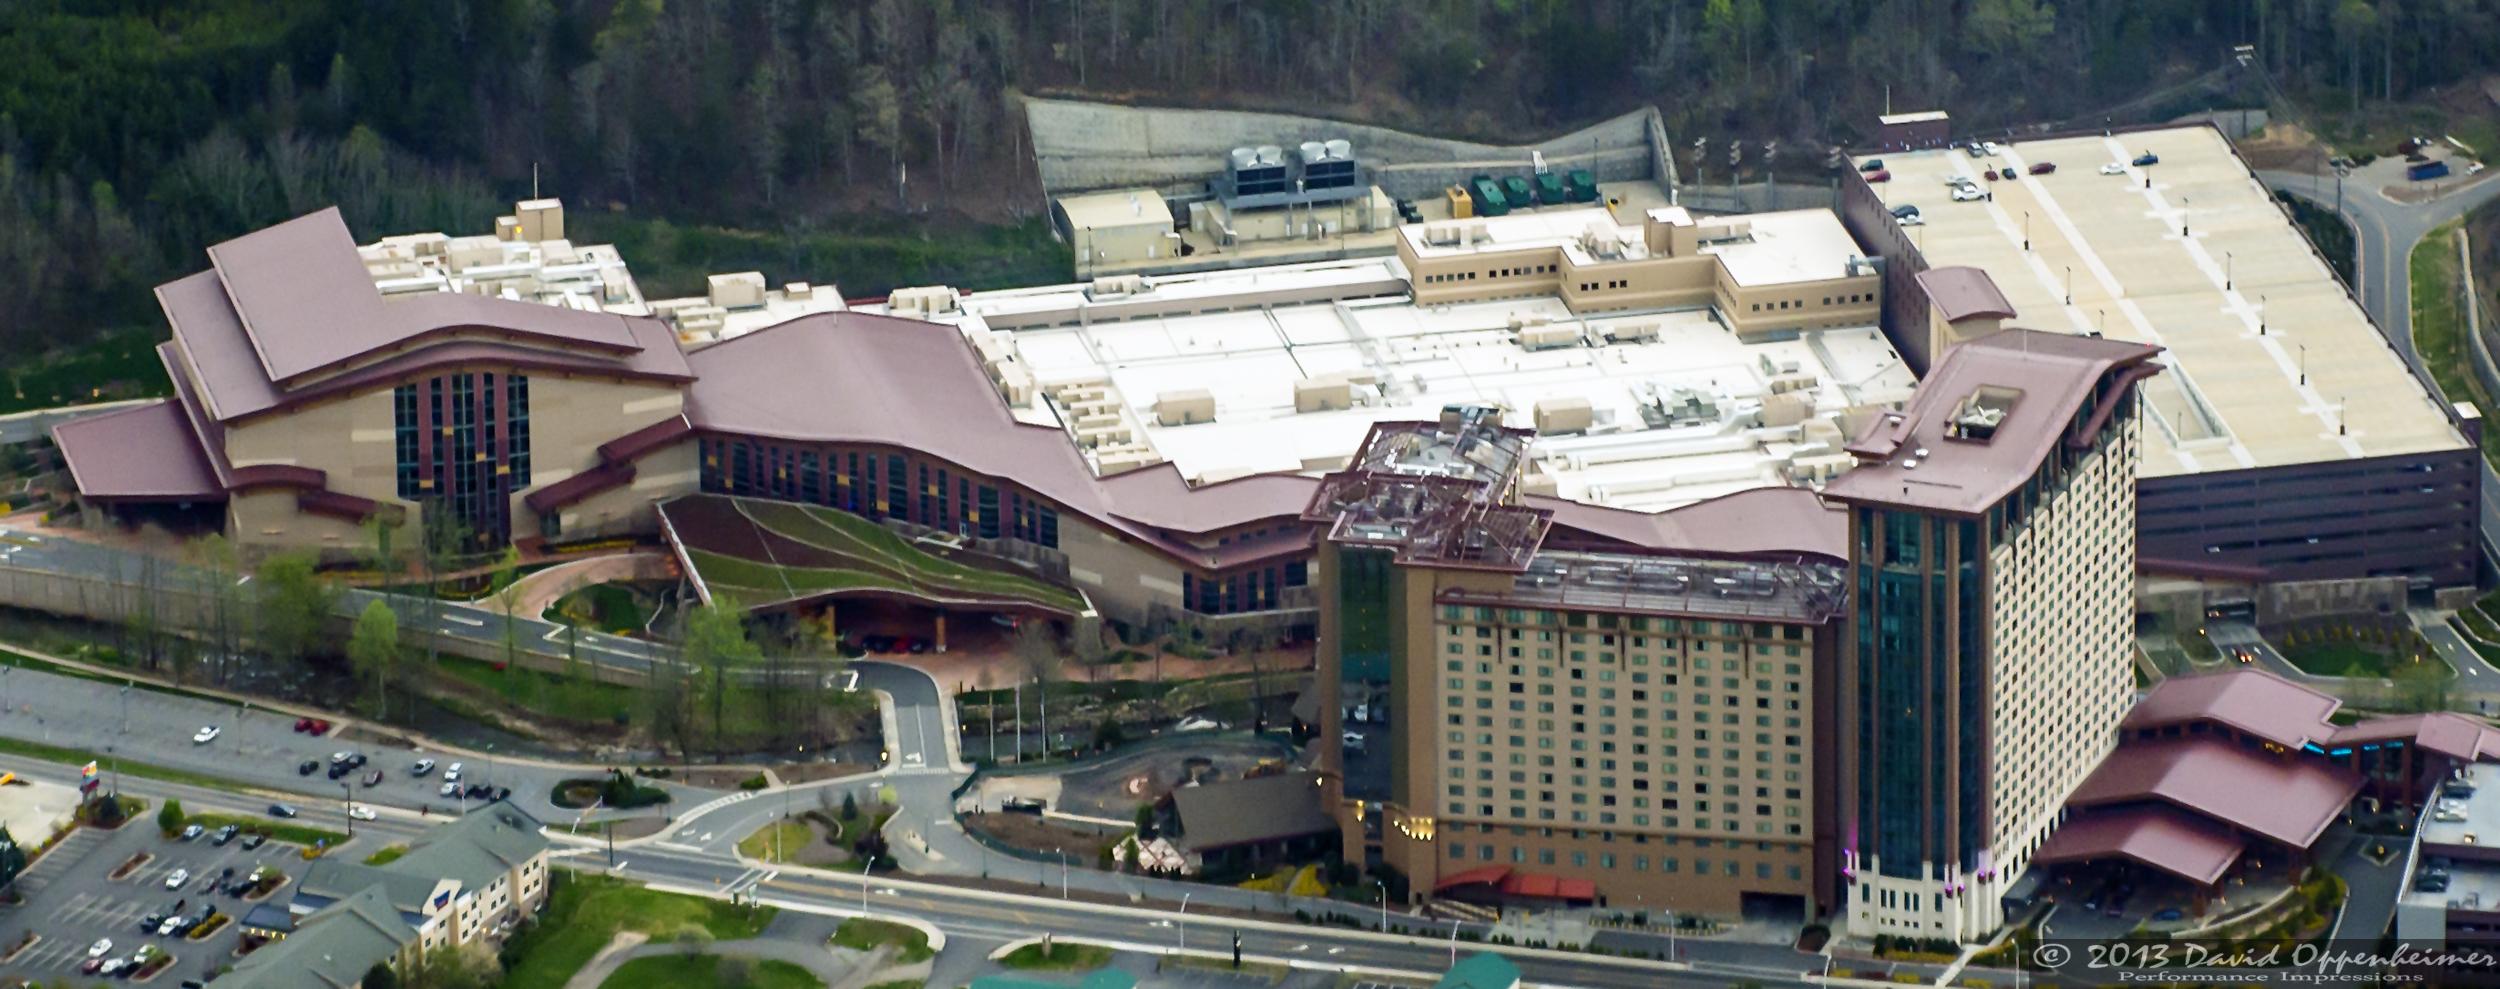 Hotel cherokee nc casino casino gambling gaming-online